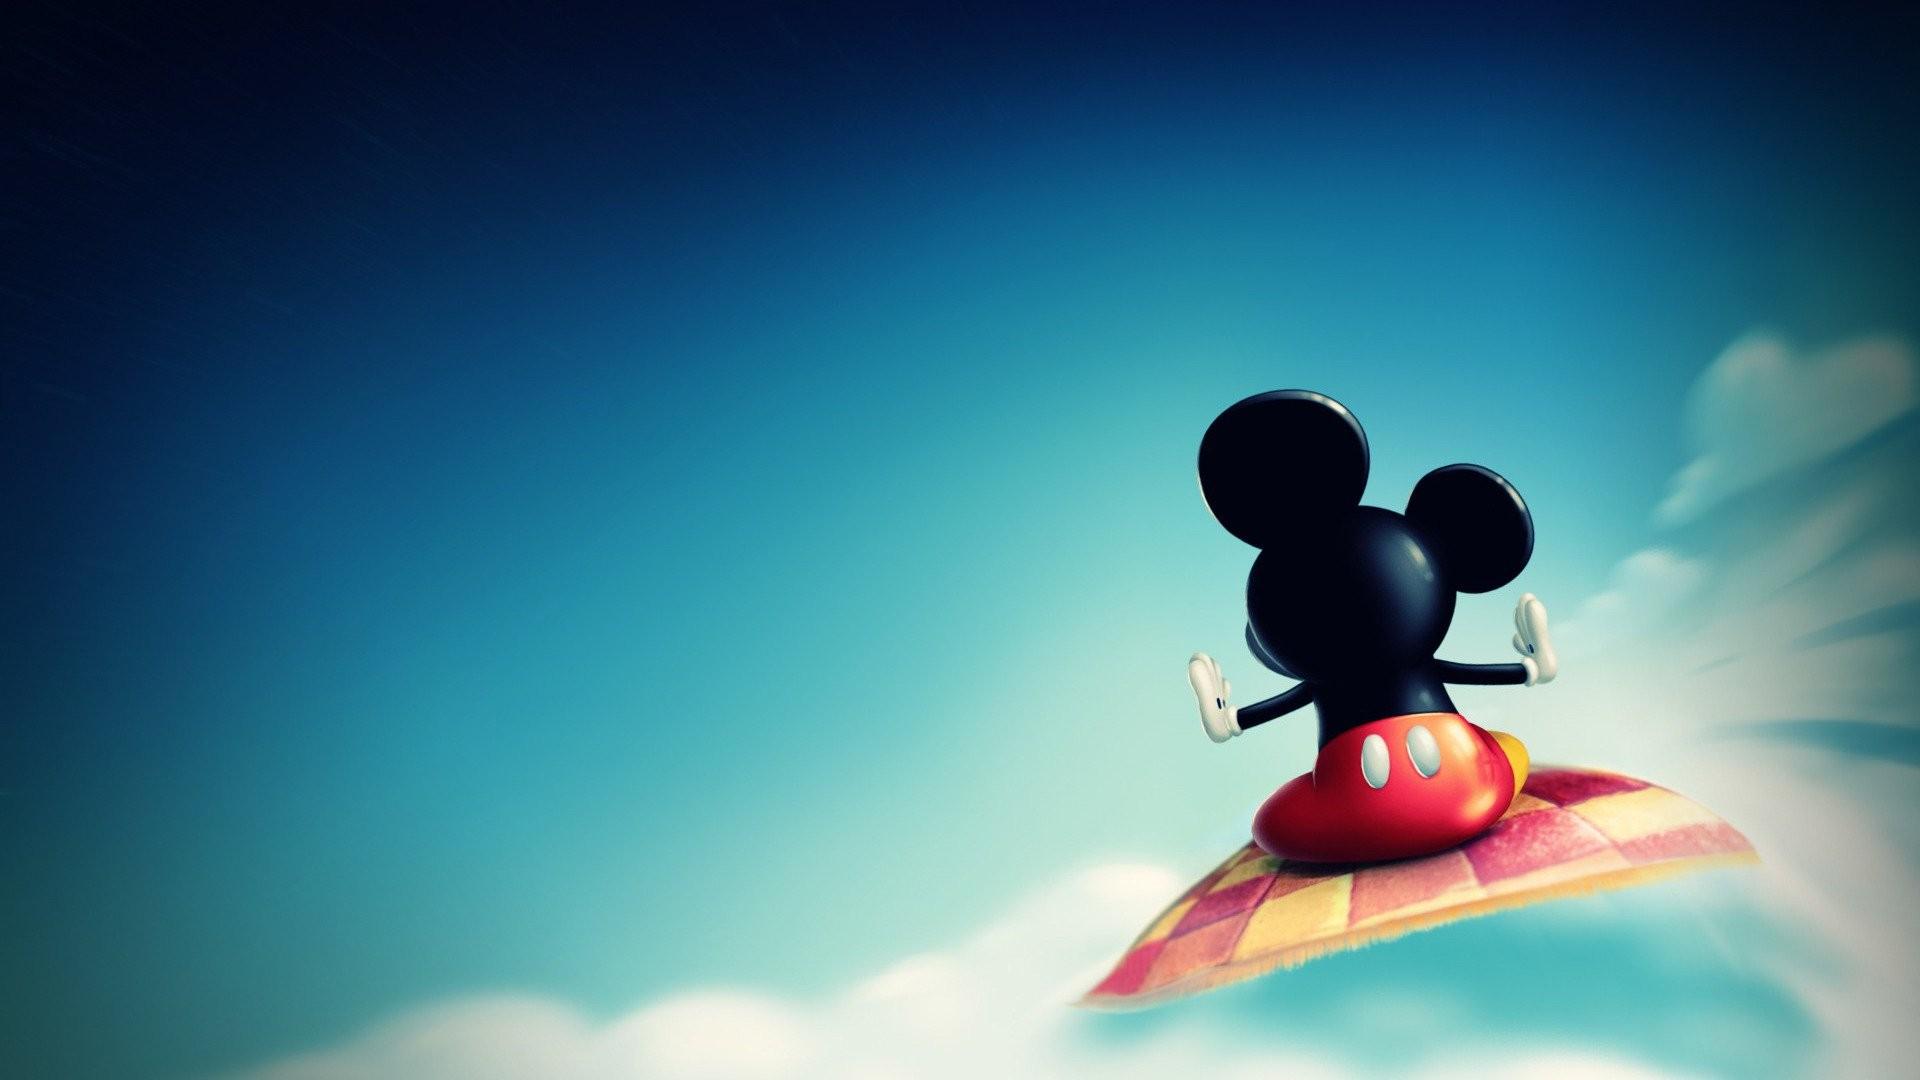 デスクトップ壁紙 日光 ミッキーマウス 空 青 色 スクリーン